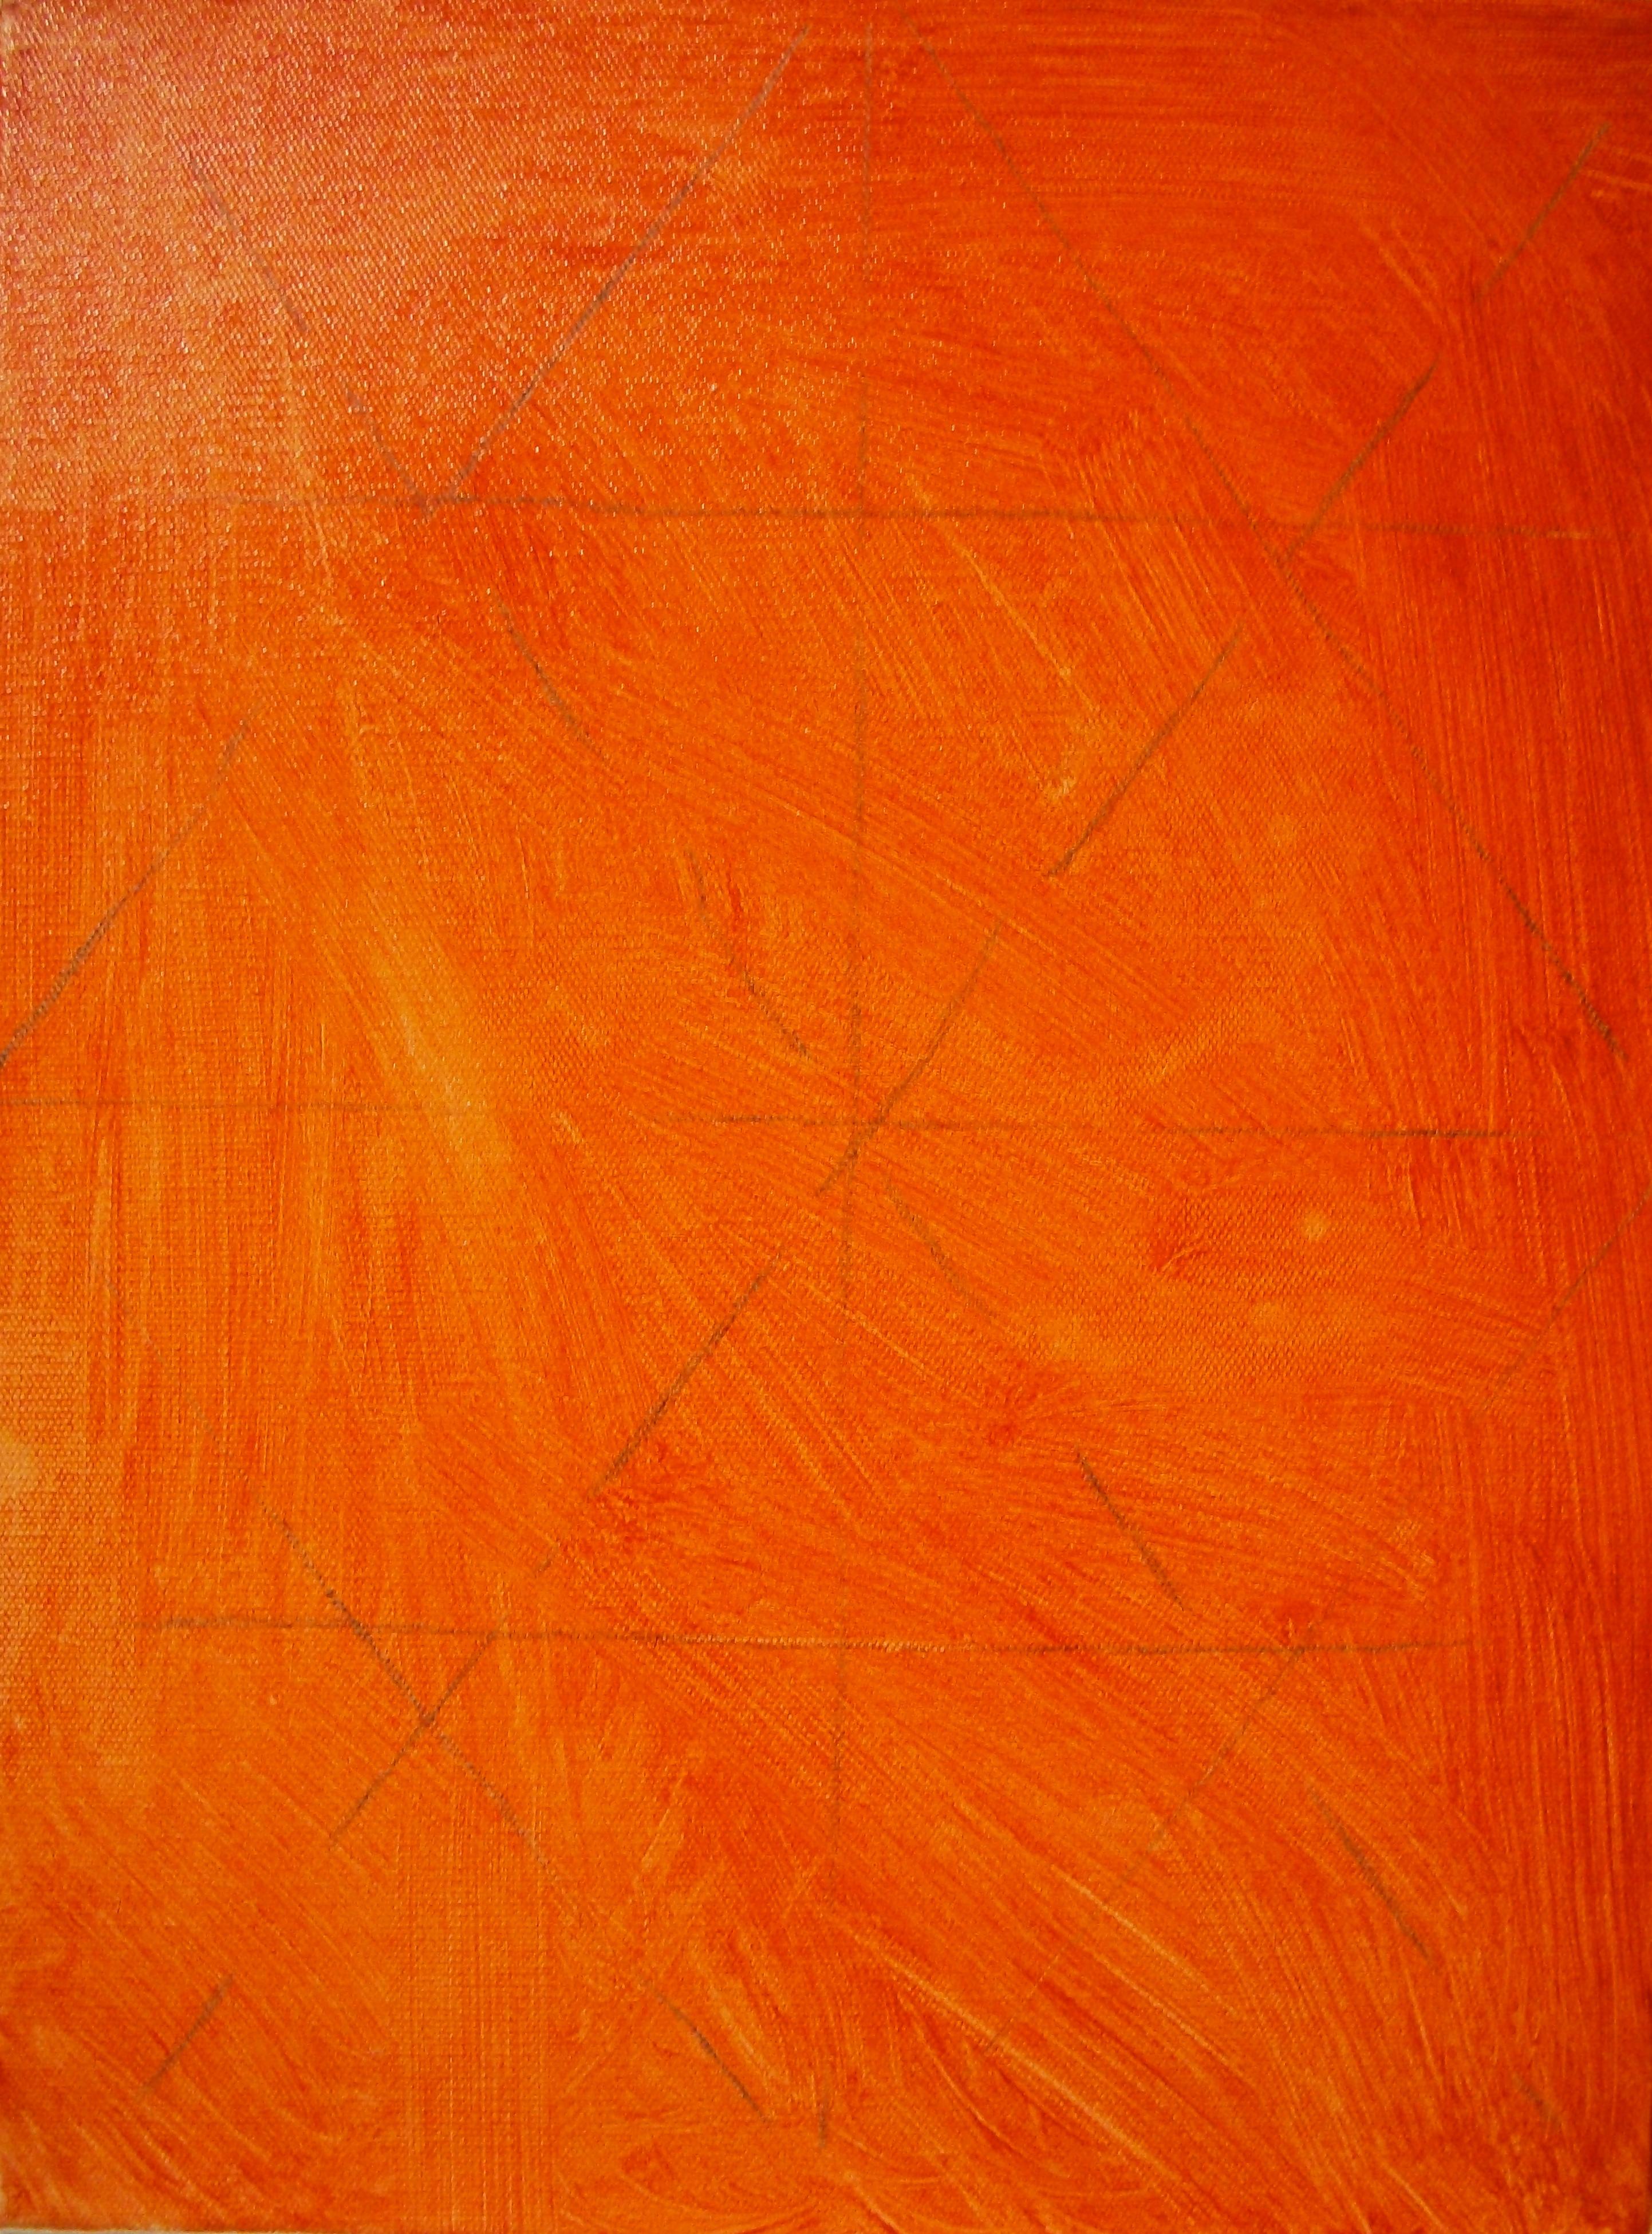 Burnt Sienna Paint Color